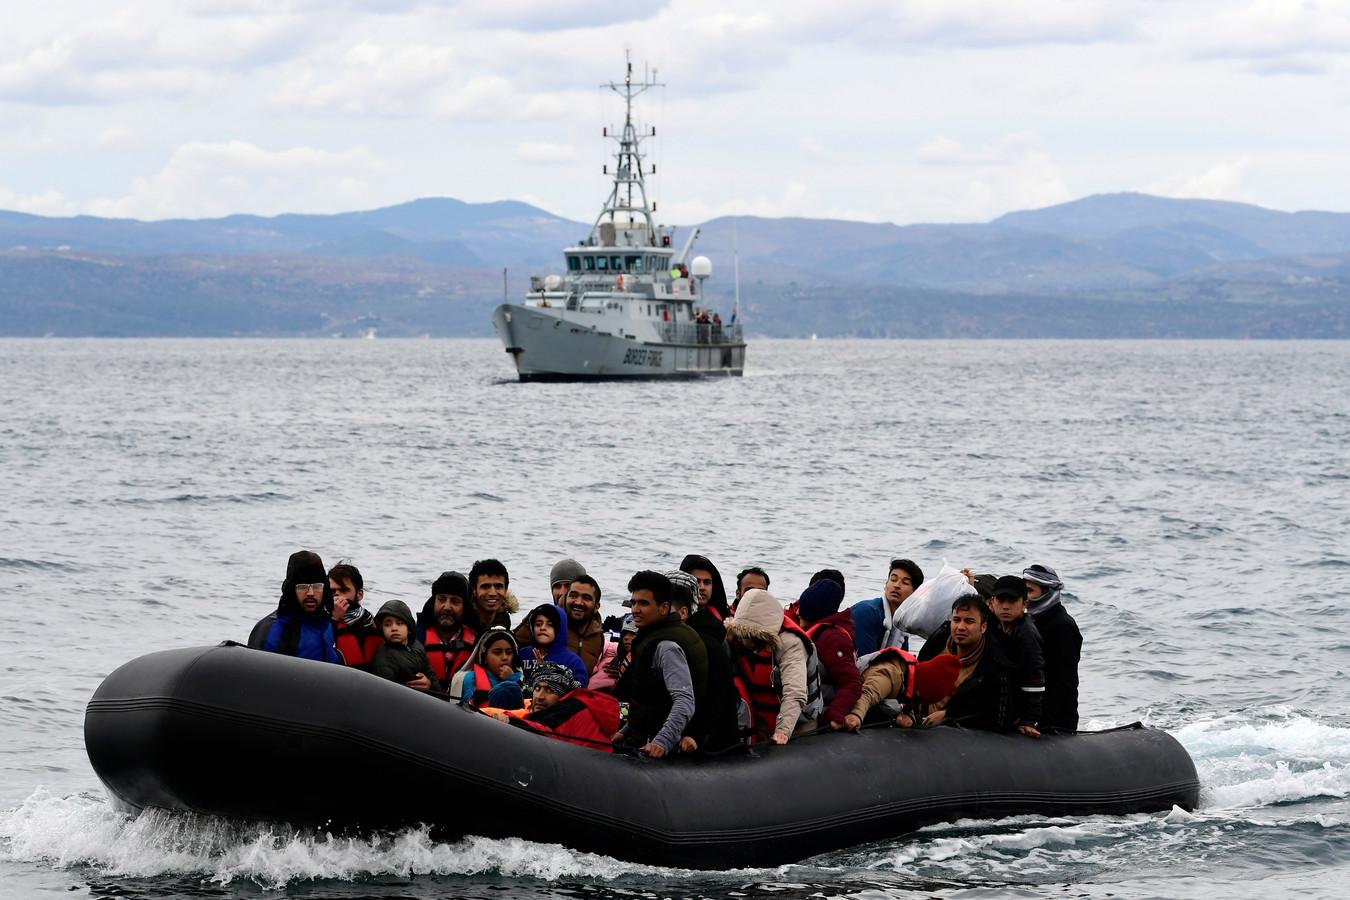 Archiefbeelden. Vluchtelingen proberen het Griekse eiland Lesbos te bereiken met een rubberbootje.